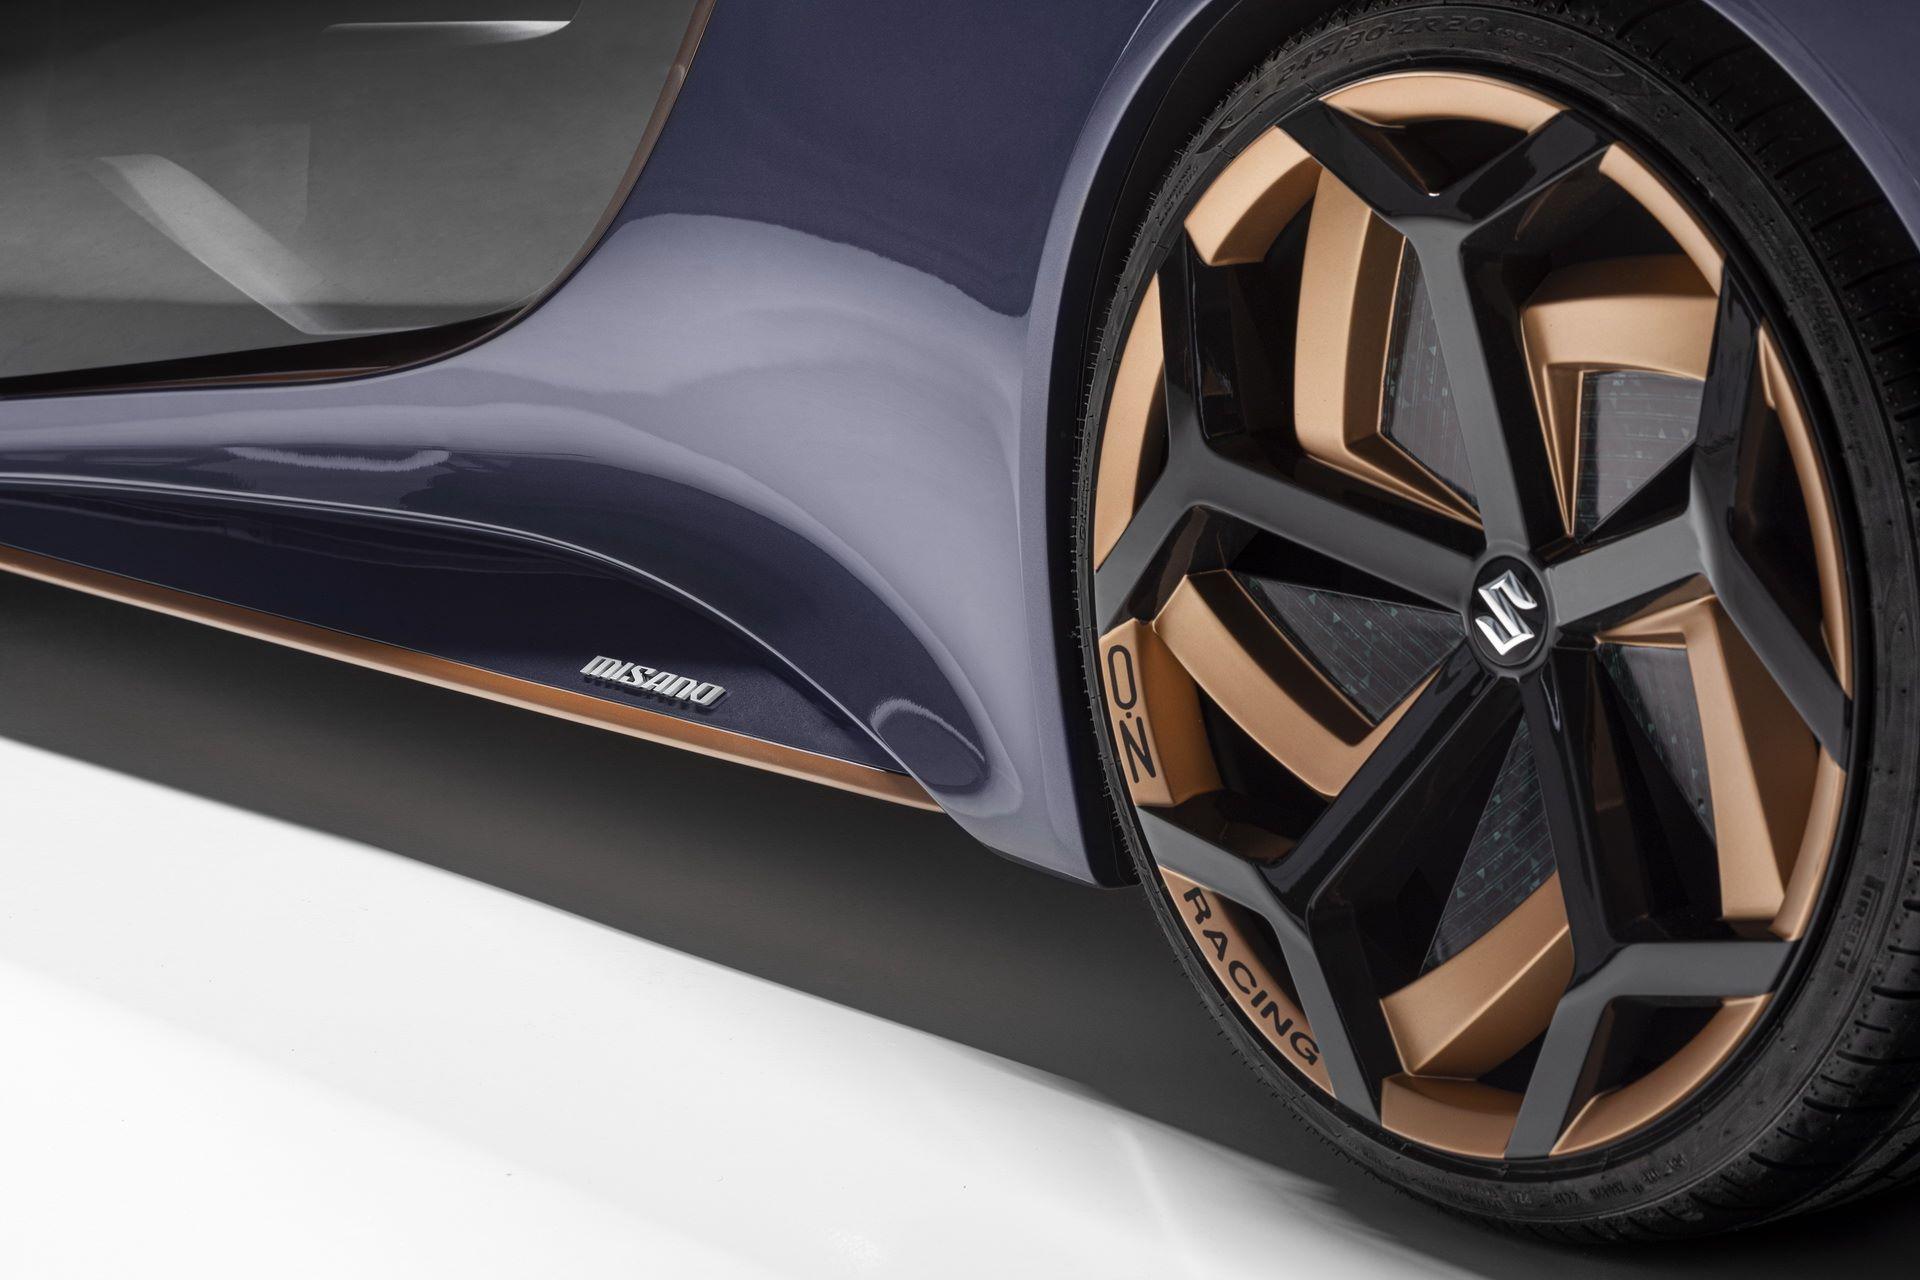 Suzuki-Misano-Concept-IED-19